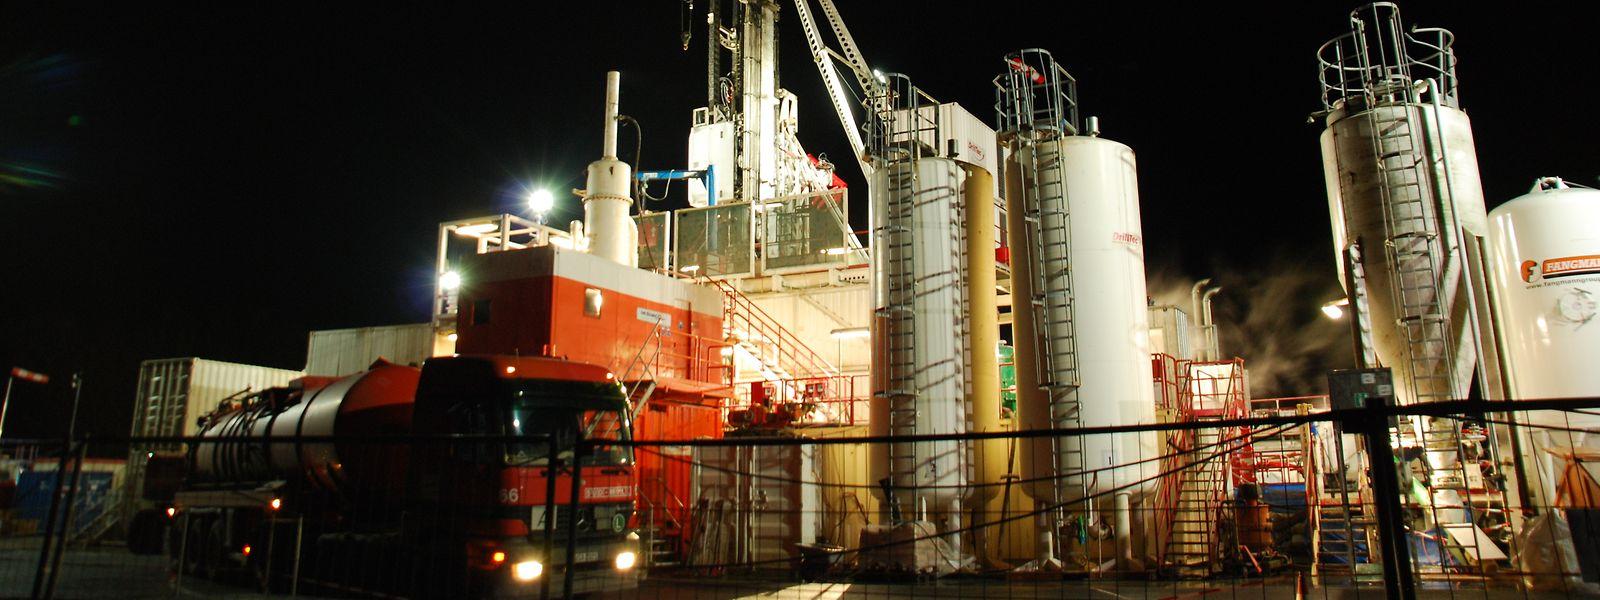 Zwischen 2008 und 2020 wurden 1,675 Millionen Tonnen Rohöl aus dem Erdreich um das pfälzische Speyer herum gefördert.